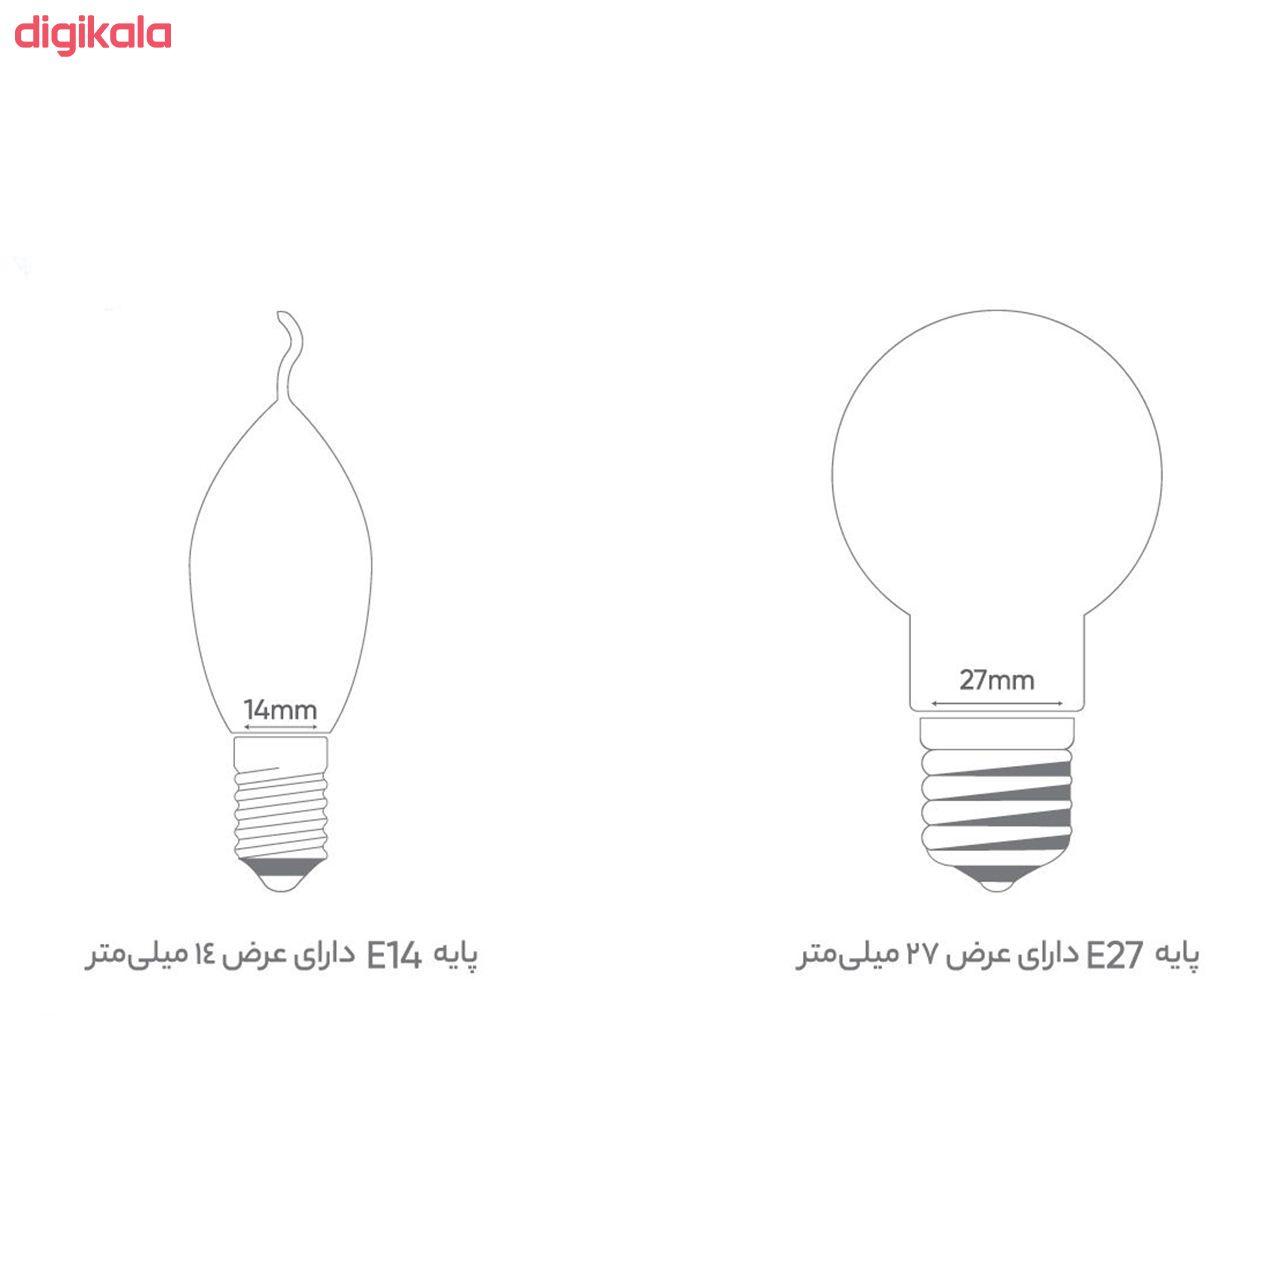 لامپ ال ای دی 9 وات کملیون مدل STQ1 پایه E27 بسته 2 عددی  main 1 4